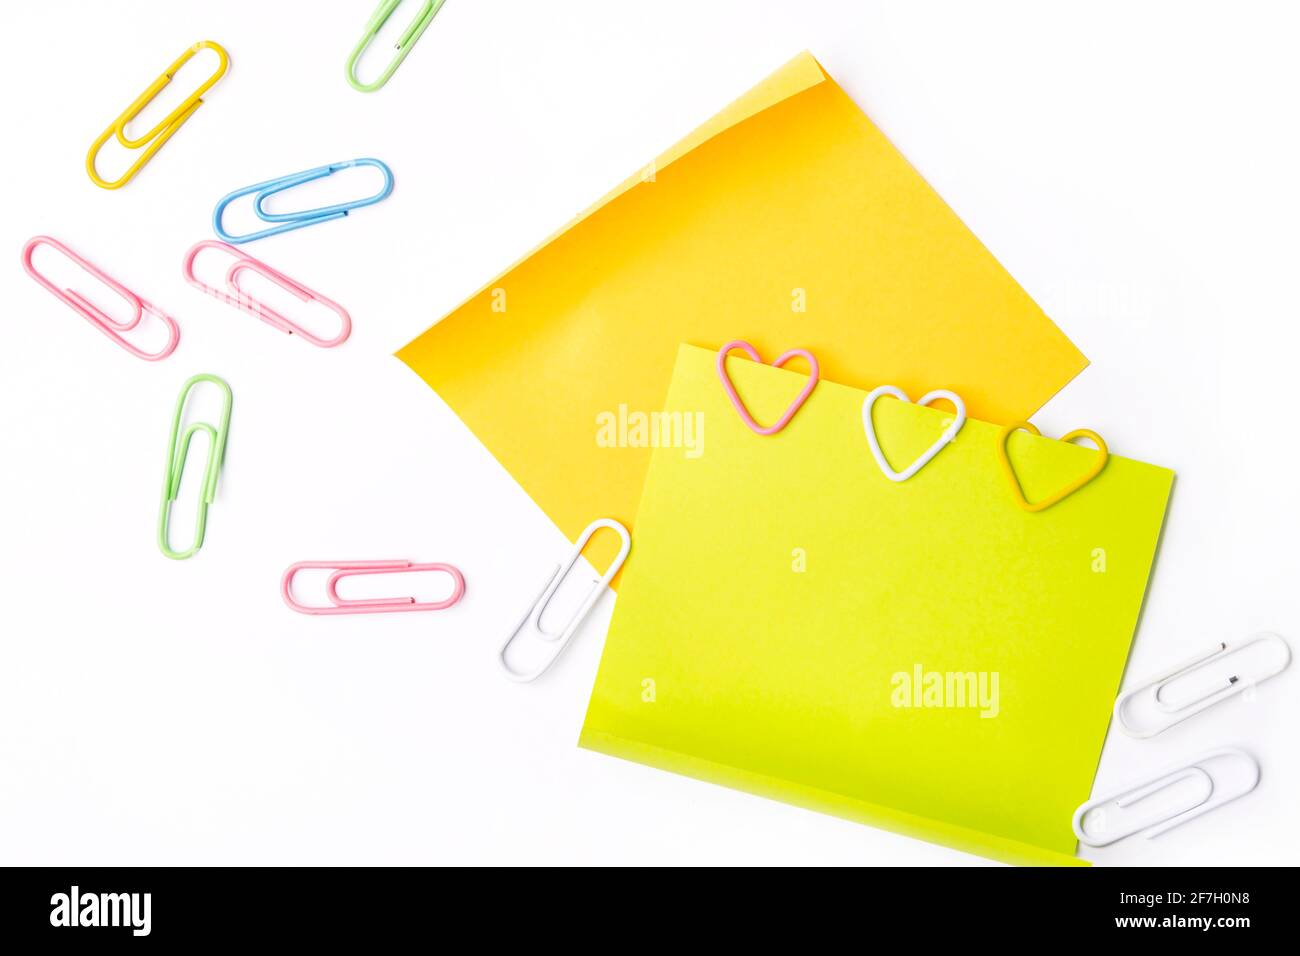 Graffette a forma di cuore su note adesive fluorescenti su sfondo bianco. Foto Stock